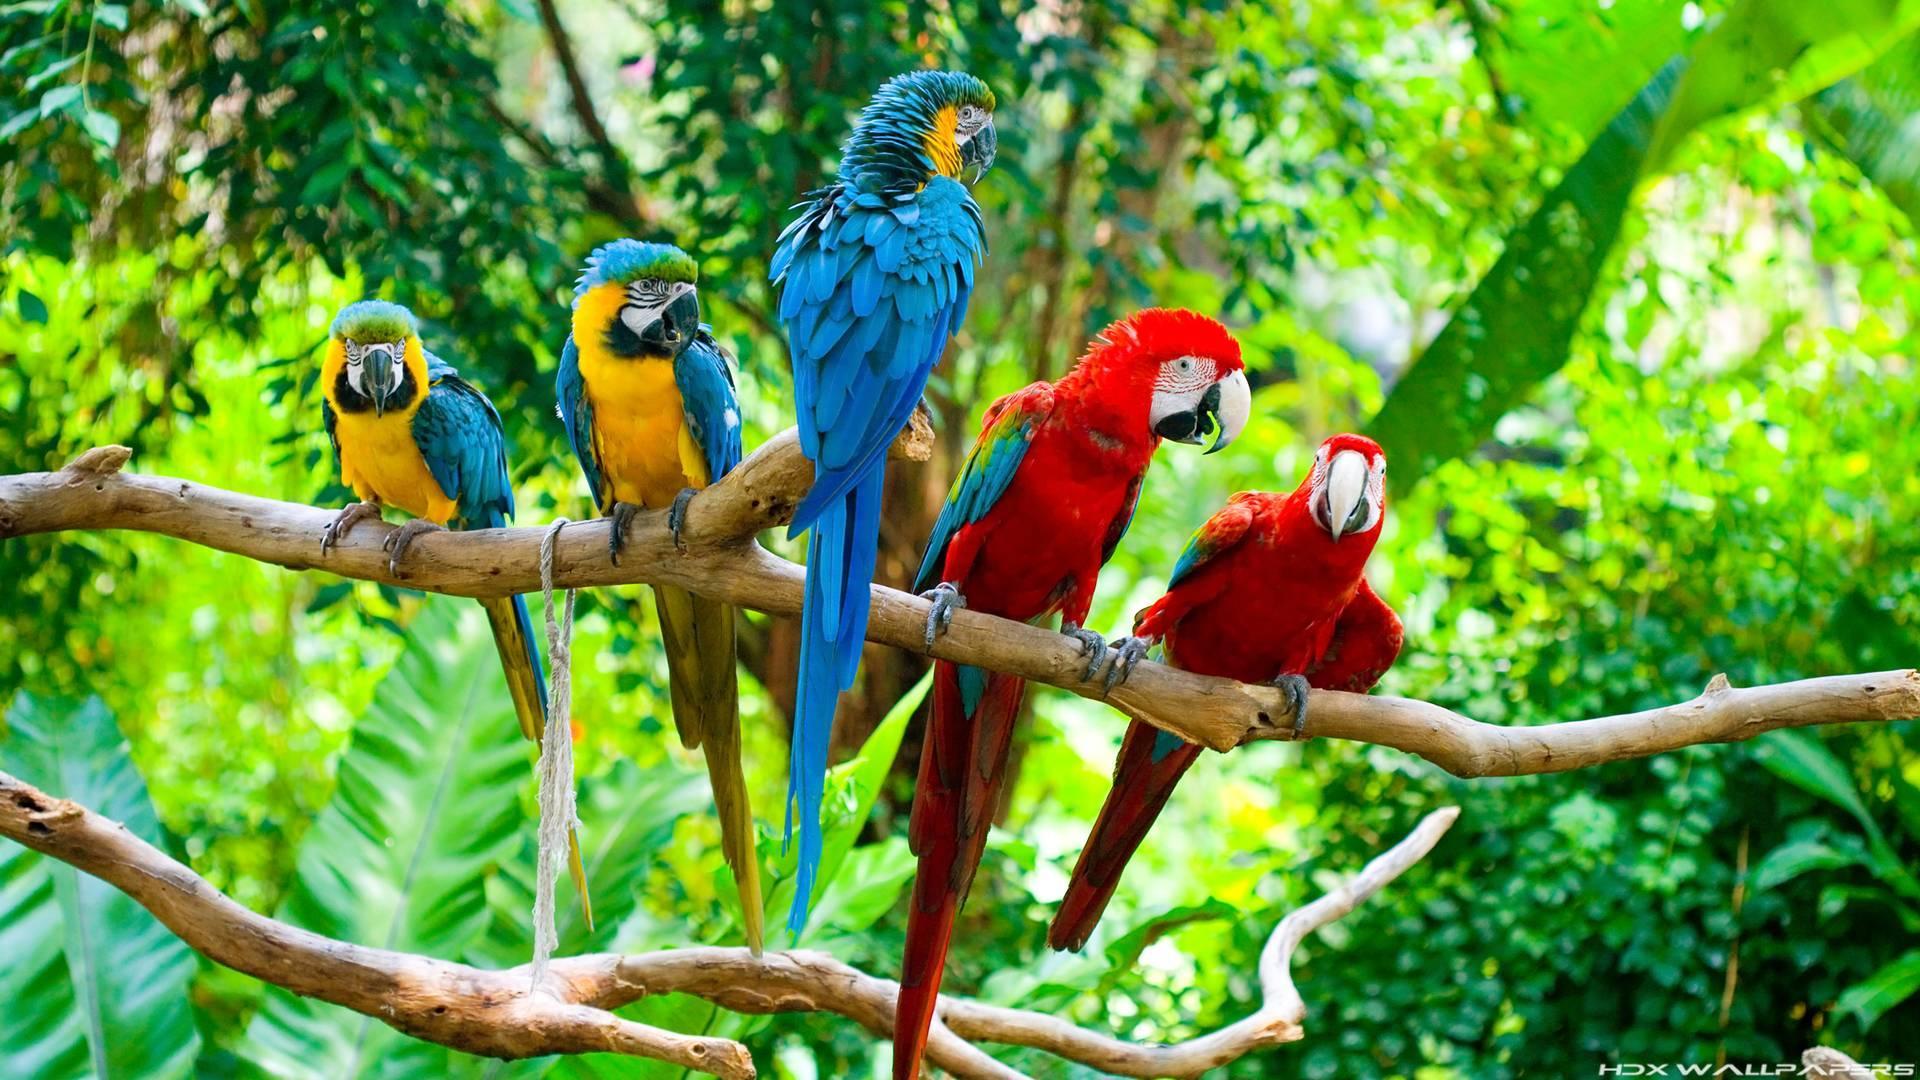 природа животные попугаи ара nature animals parrots Ara онлайн